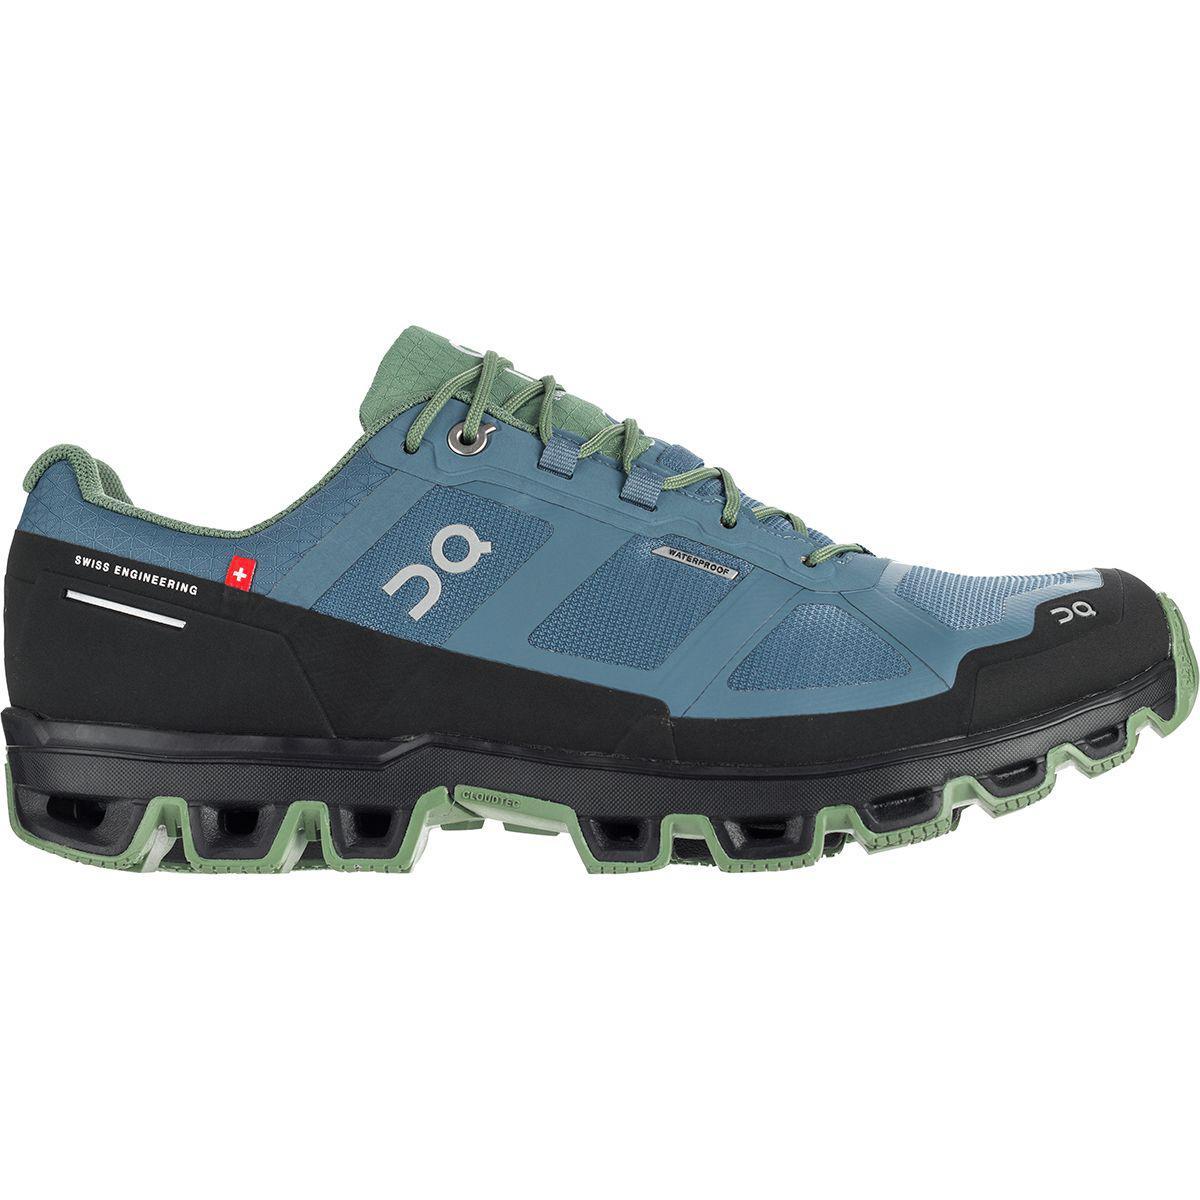 Lyst - On Footwear Cloudventure Waterproof Trail Run Shoe in Blue ... bdaa45398da